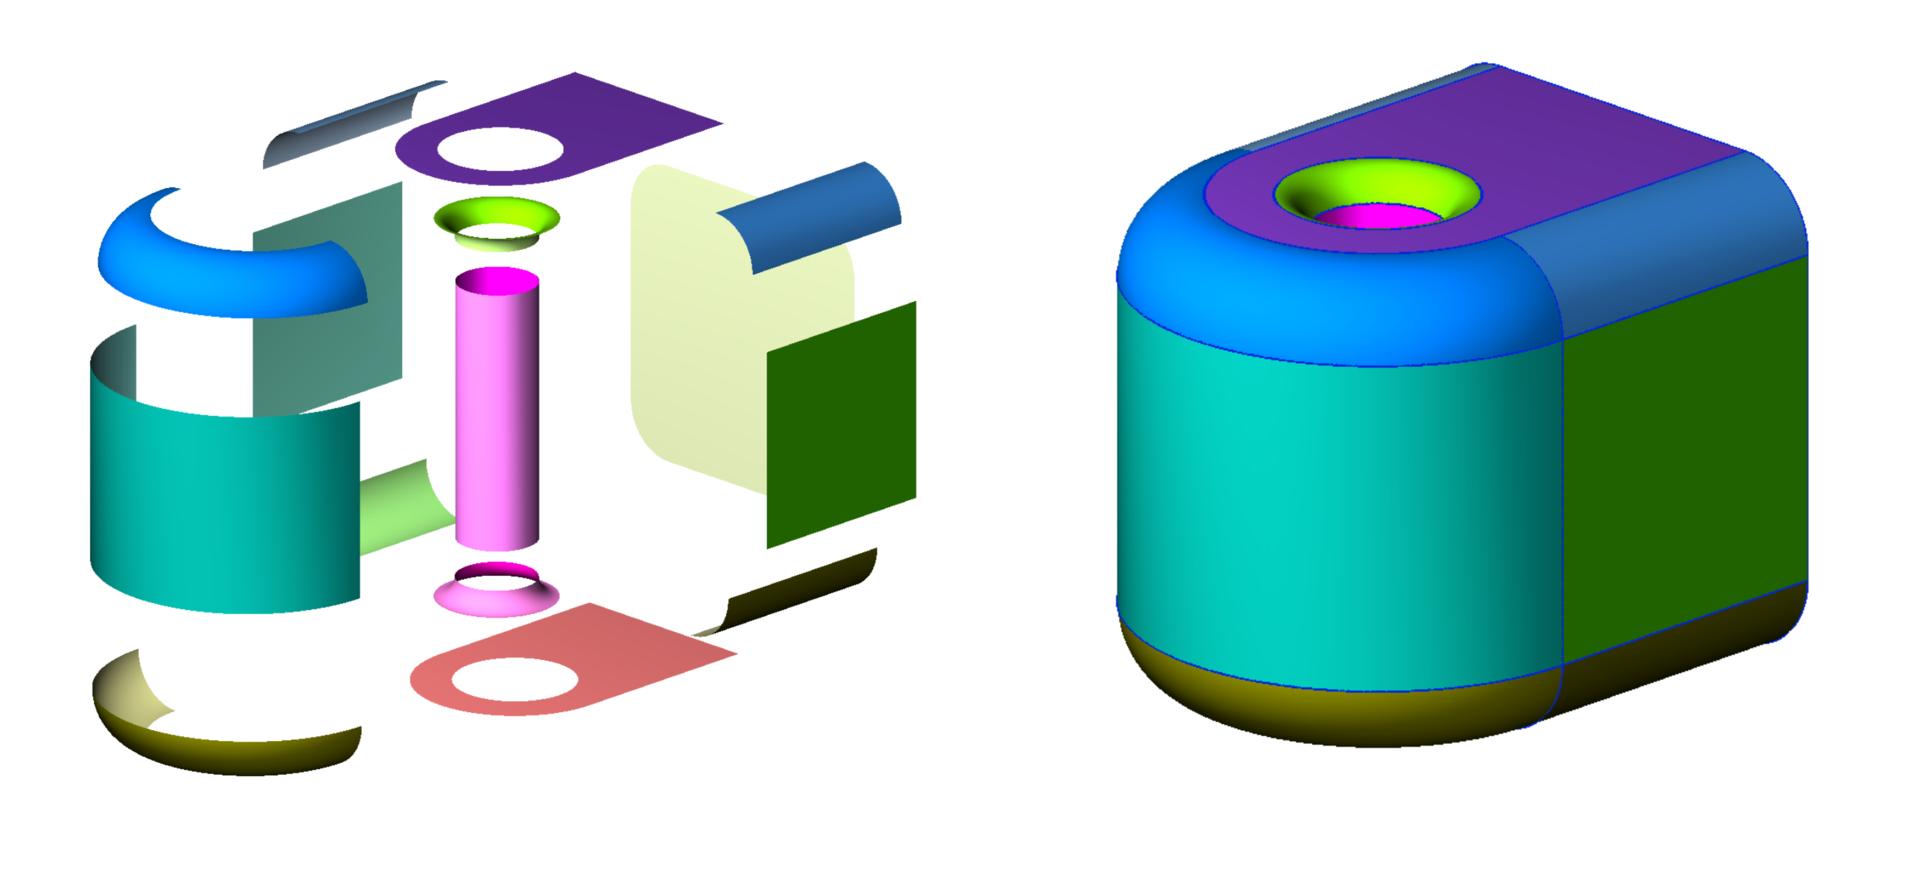 Как математическая библиотека КОМПАС-3D превратилась в C3D Toolkit для разработчиков САПР → часть 1 - 6